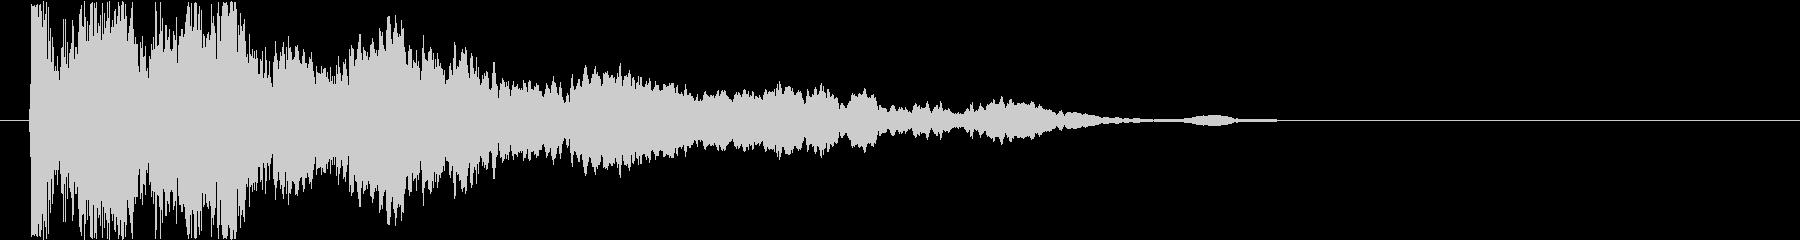 神秘的で透明感のあるインパクト音6の未再生の波形